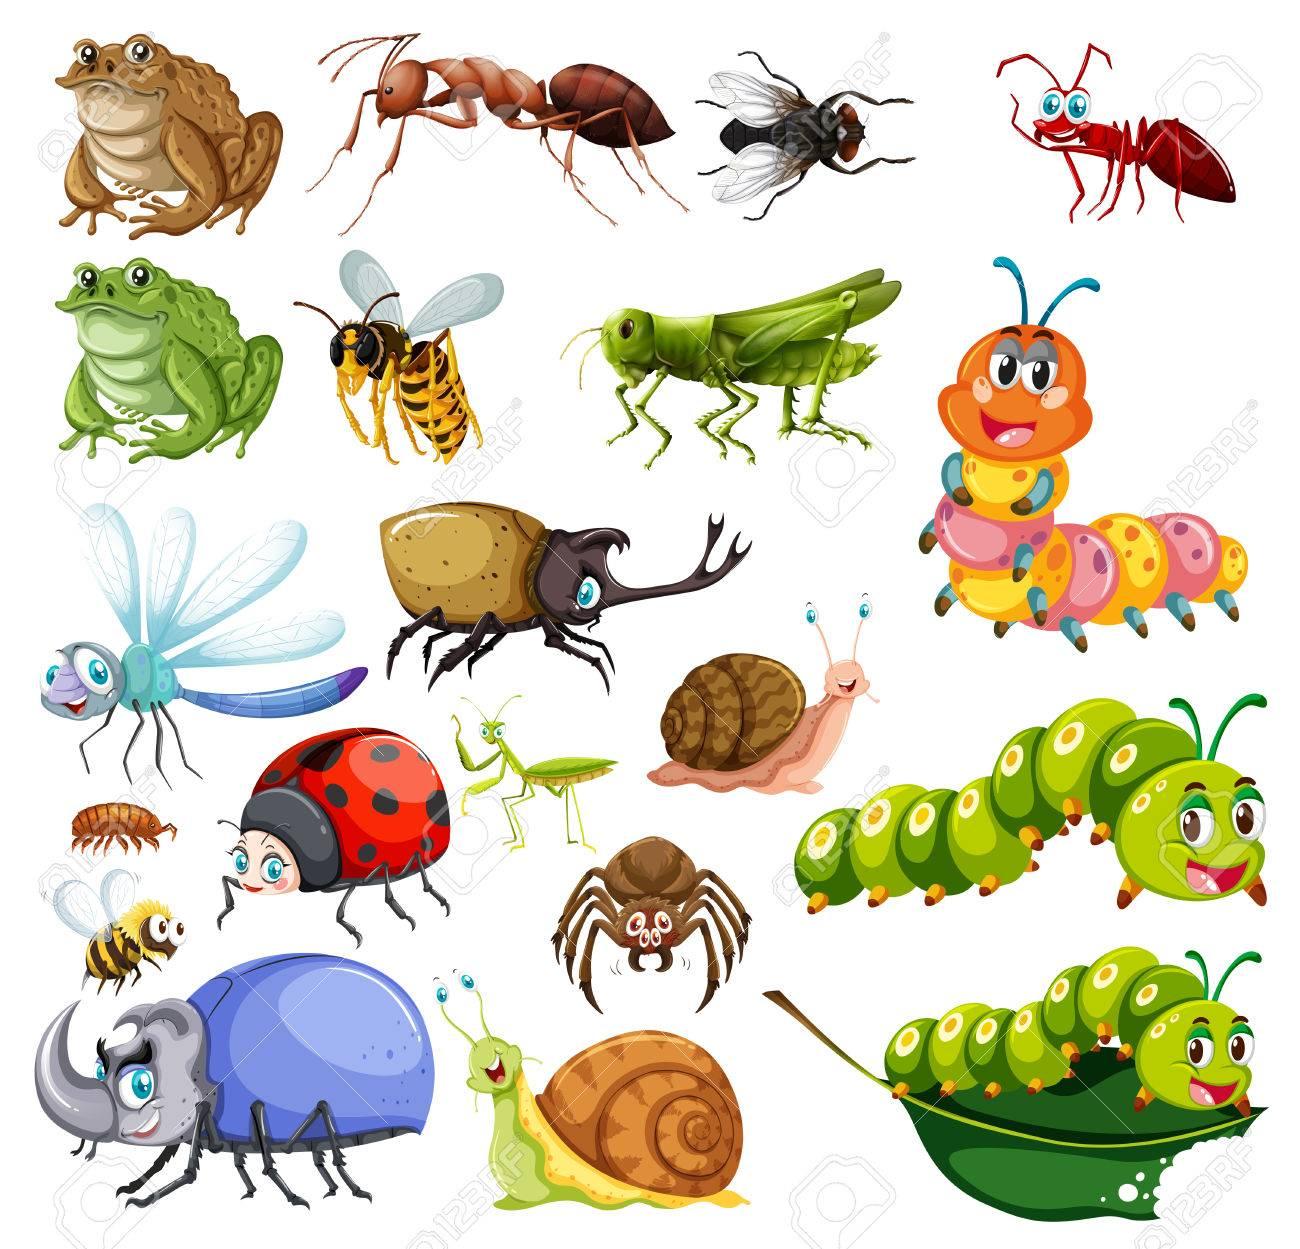 昆虫イラスト種類のイラスト素材ベクタ Image 77010796